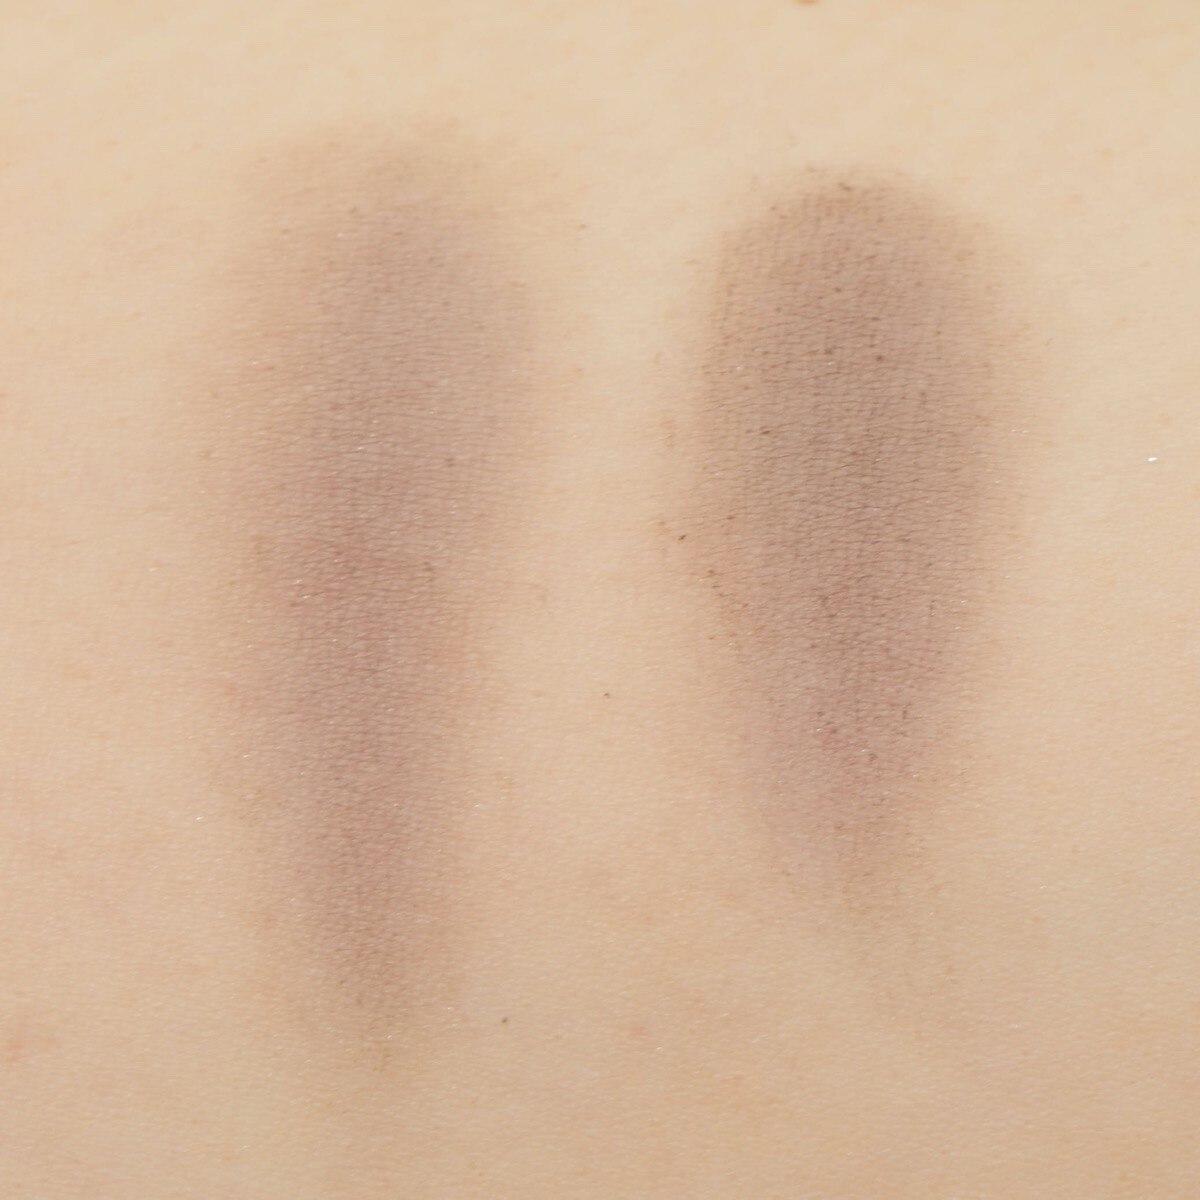 セザンヌ『パウダリーアイブロウ P3 チャコールグレー』の使用感をレポに関する画像5